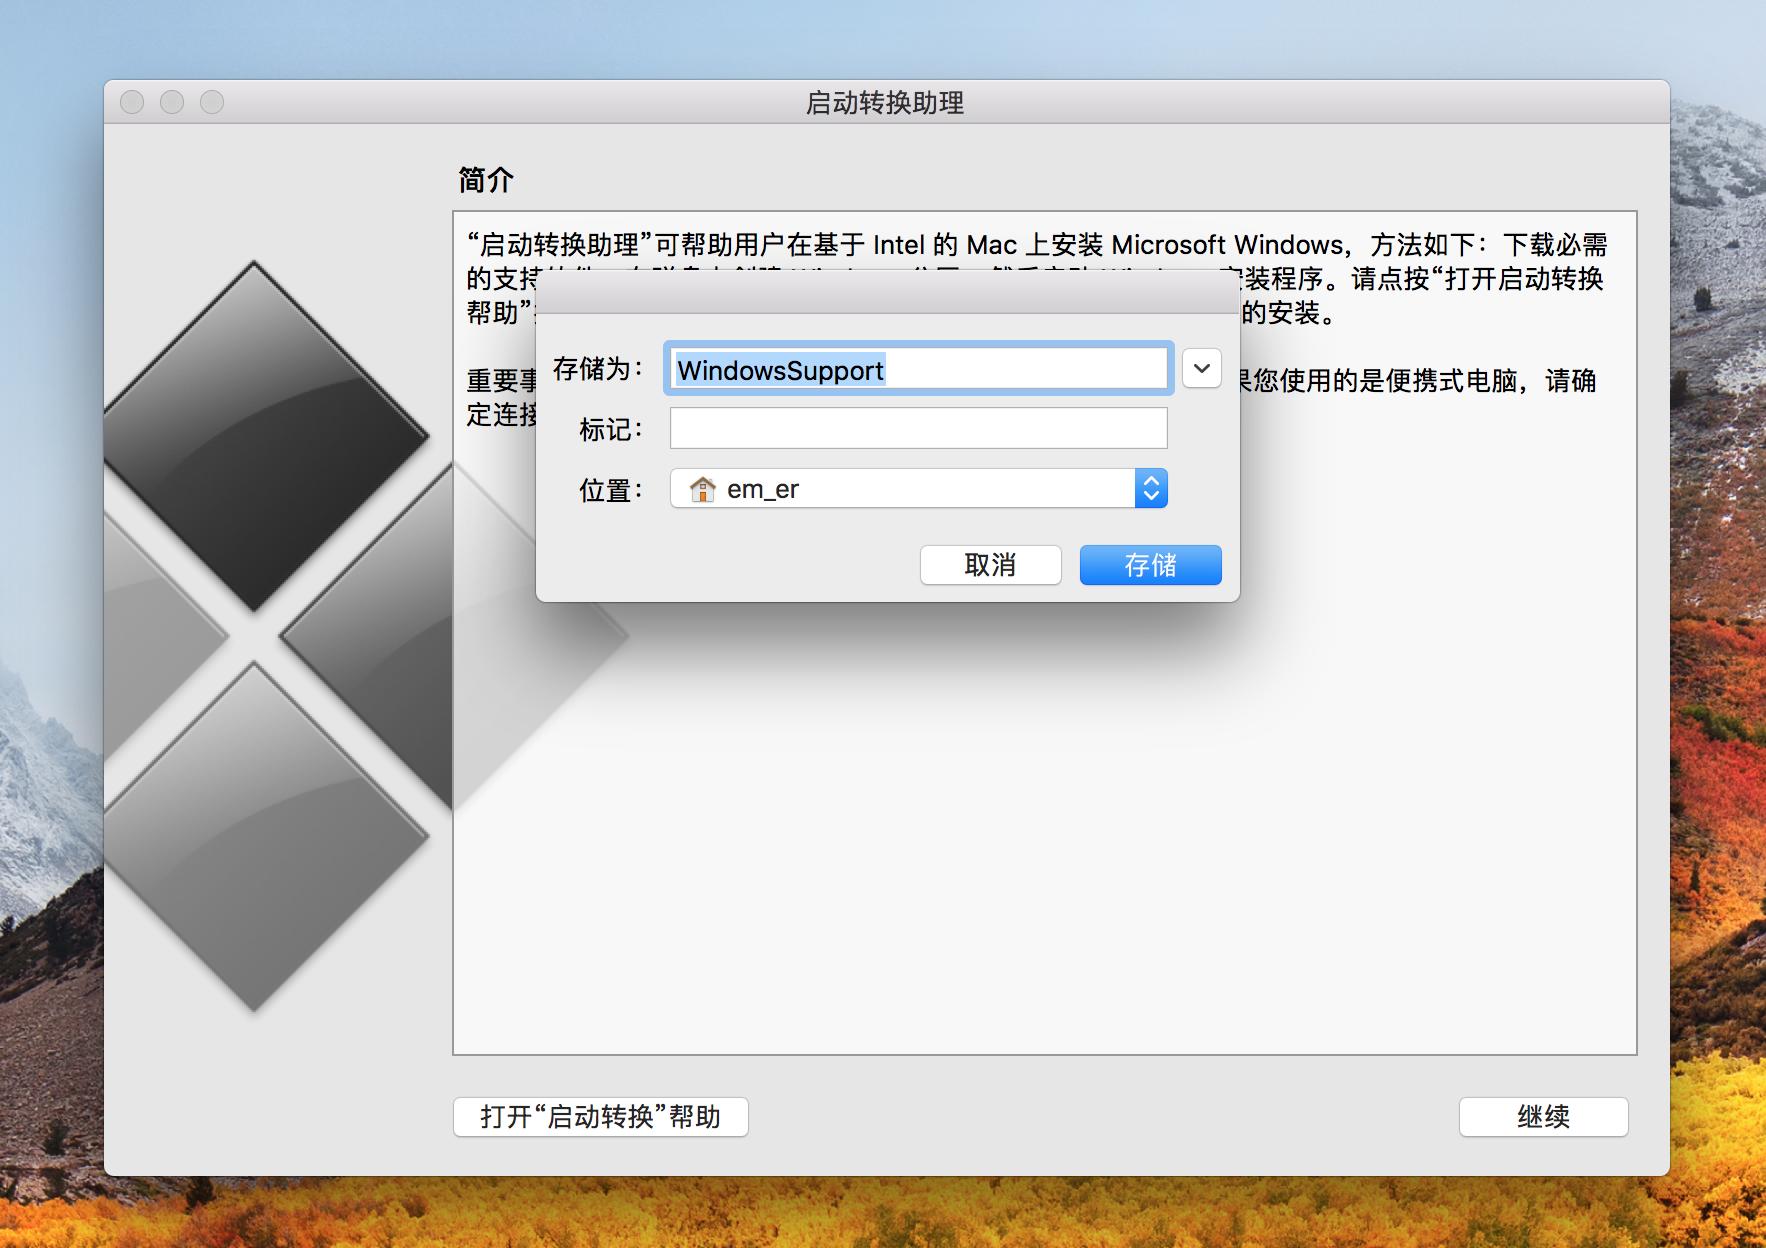 MAC下载Window支持文件